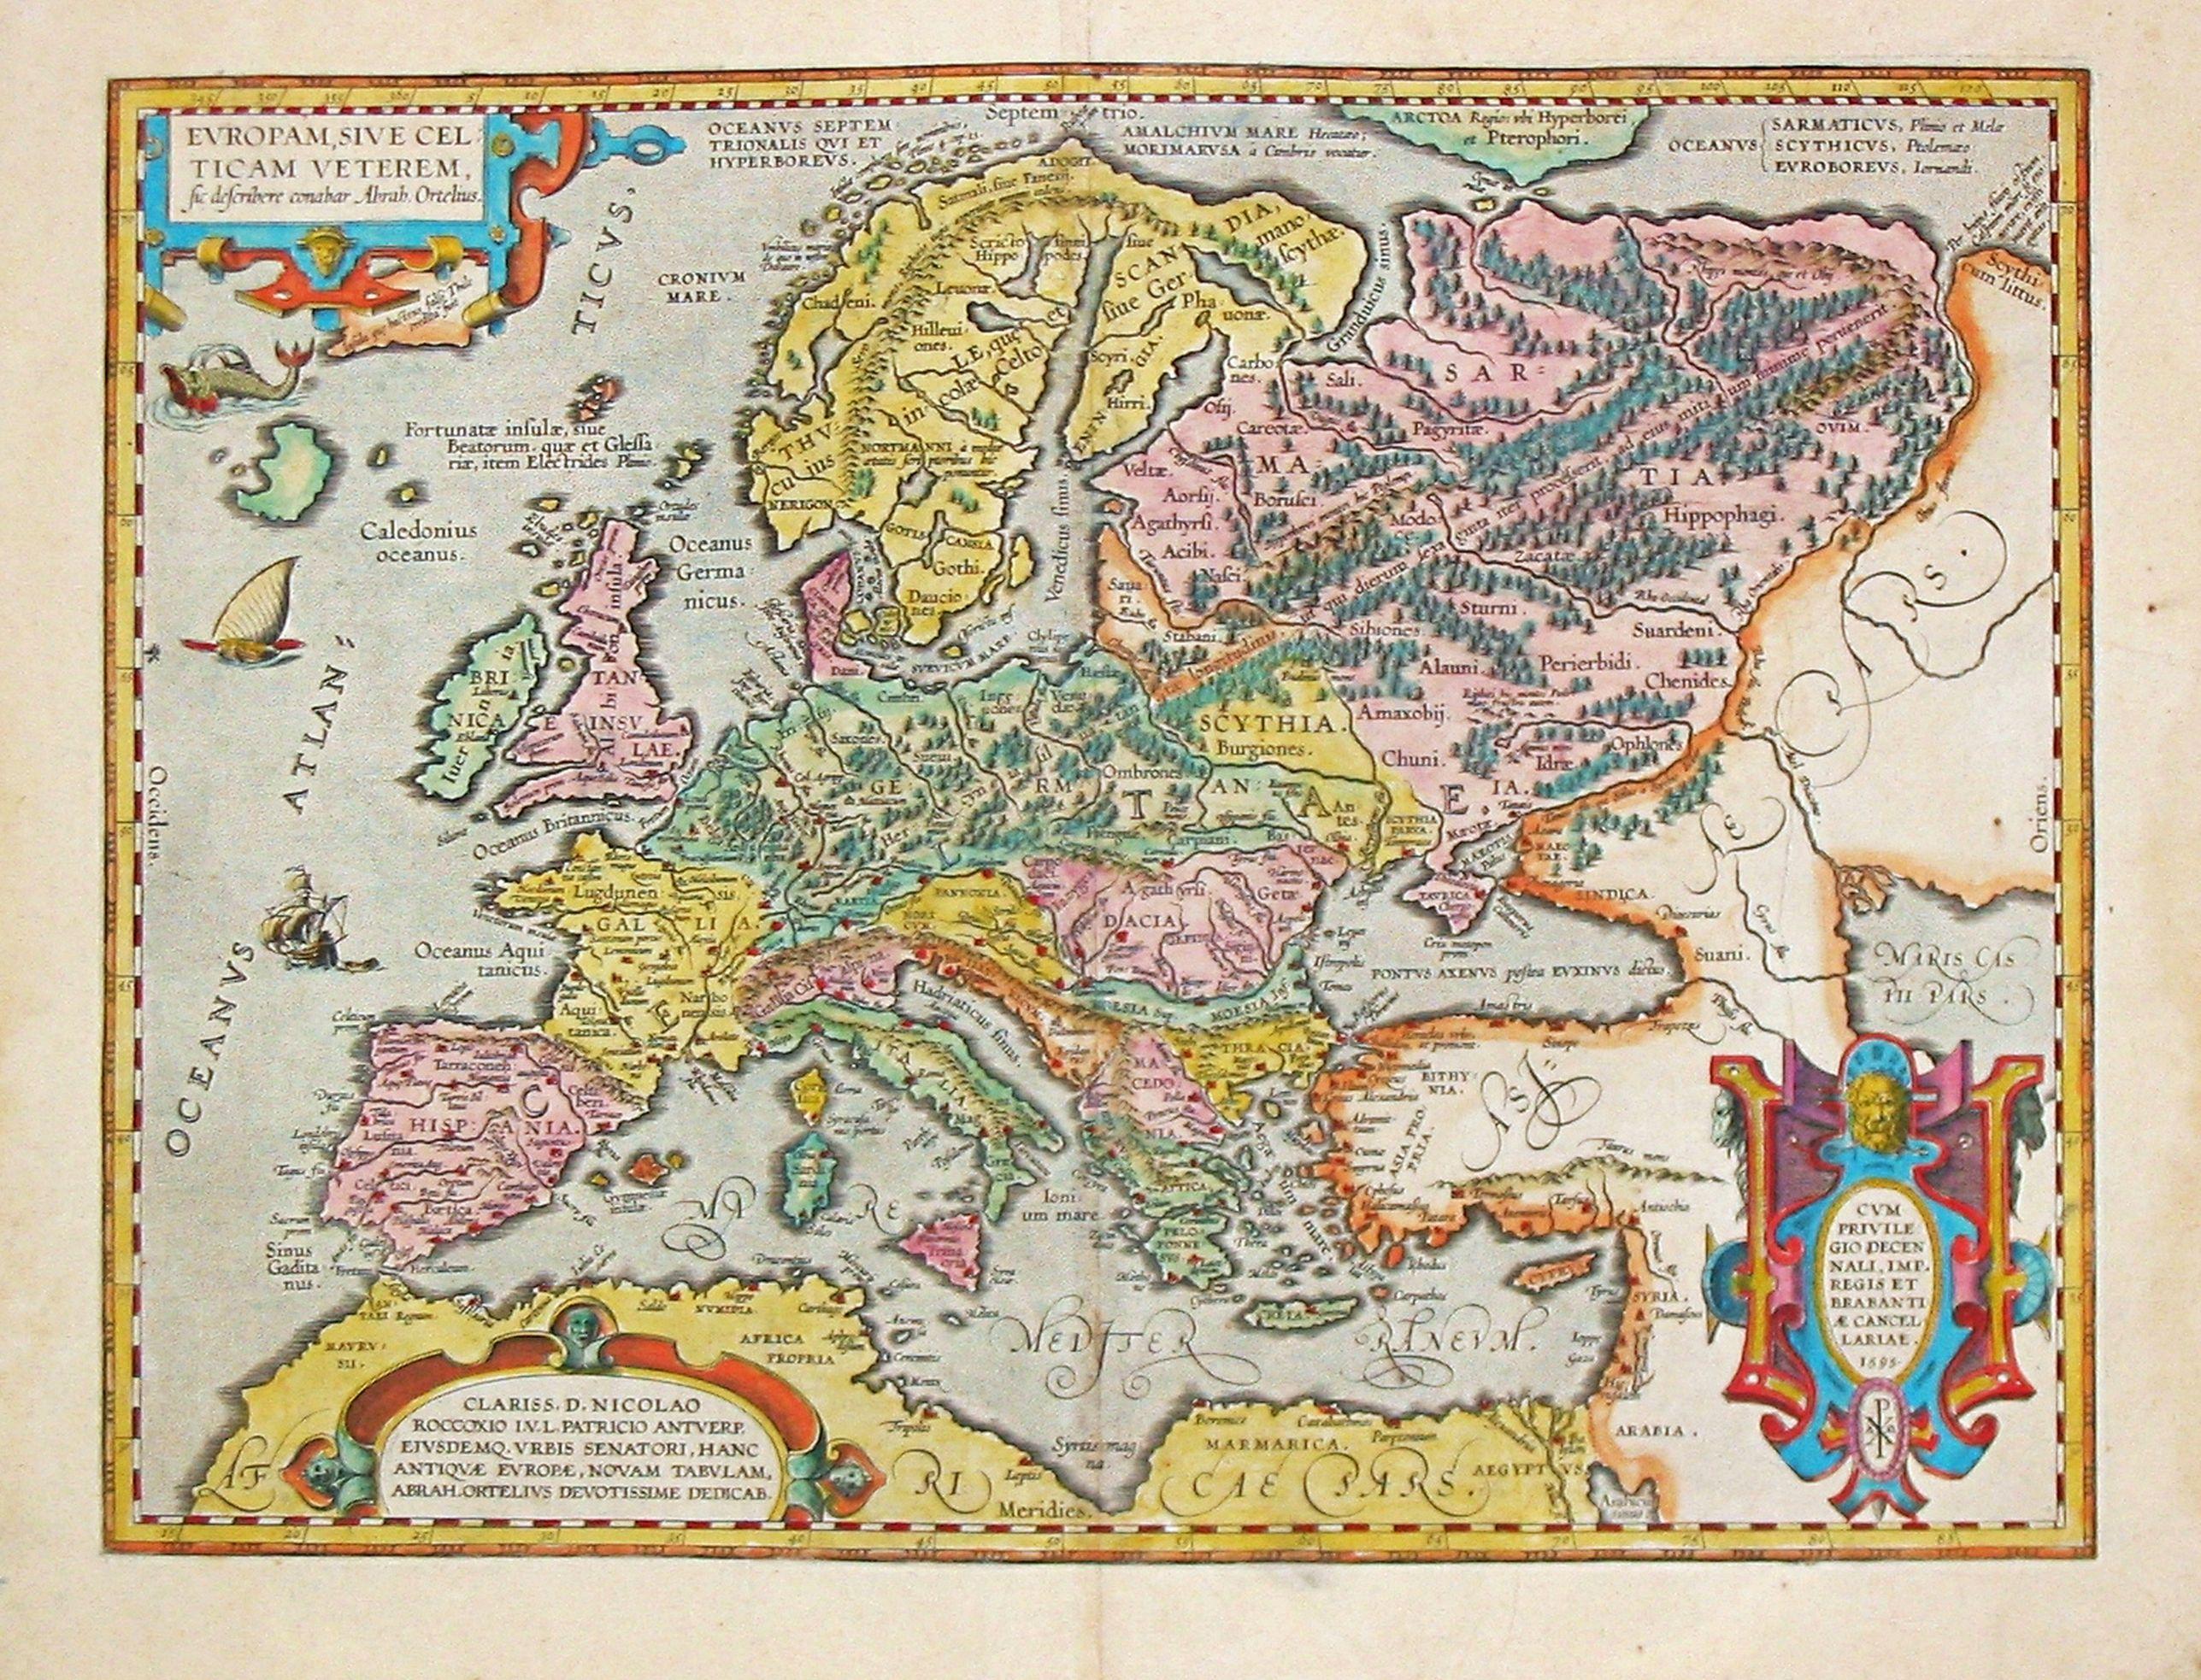 Ortelius, Abraham.  - [Antique  map of Europe] Europam, sive Celticam Veterem.